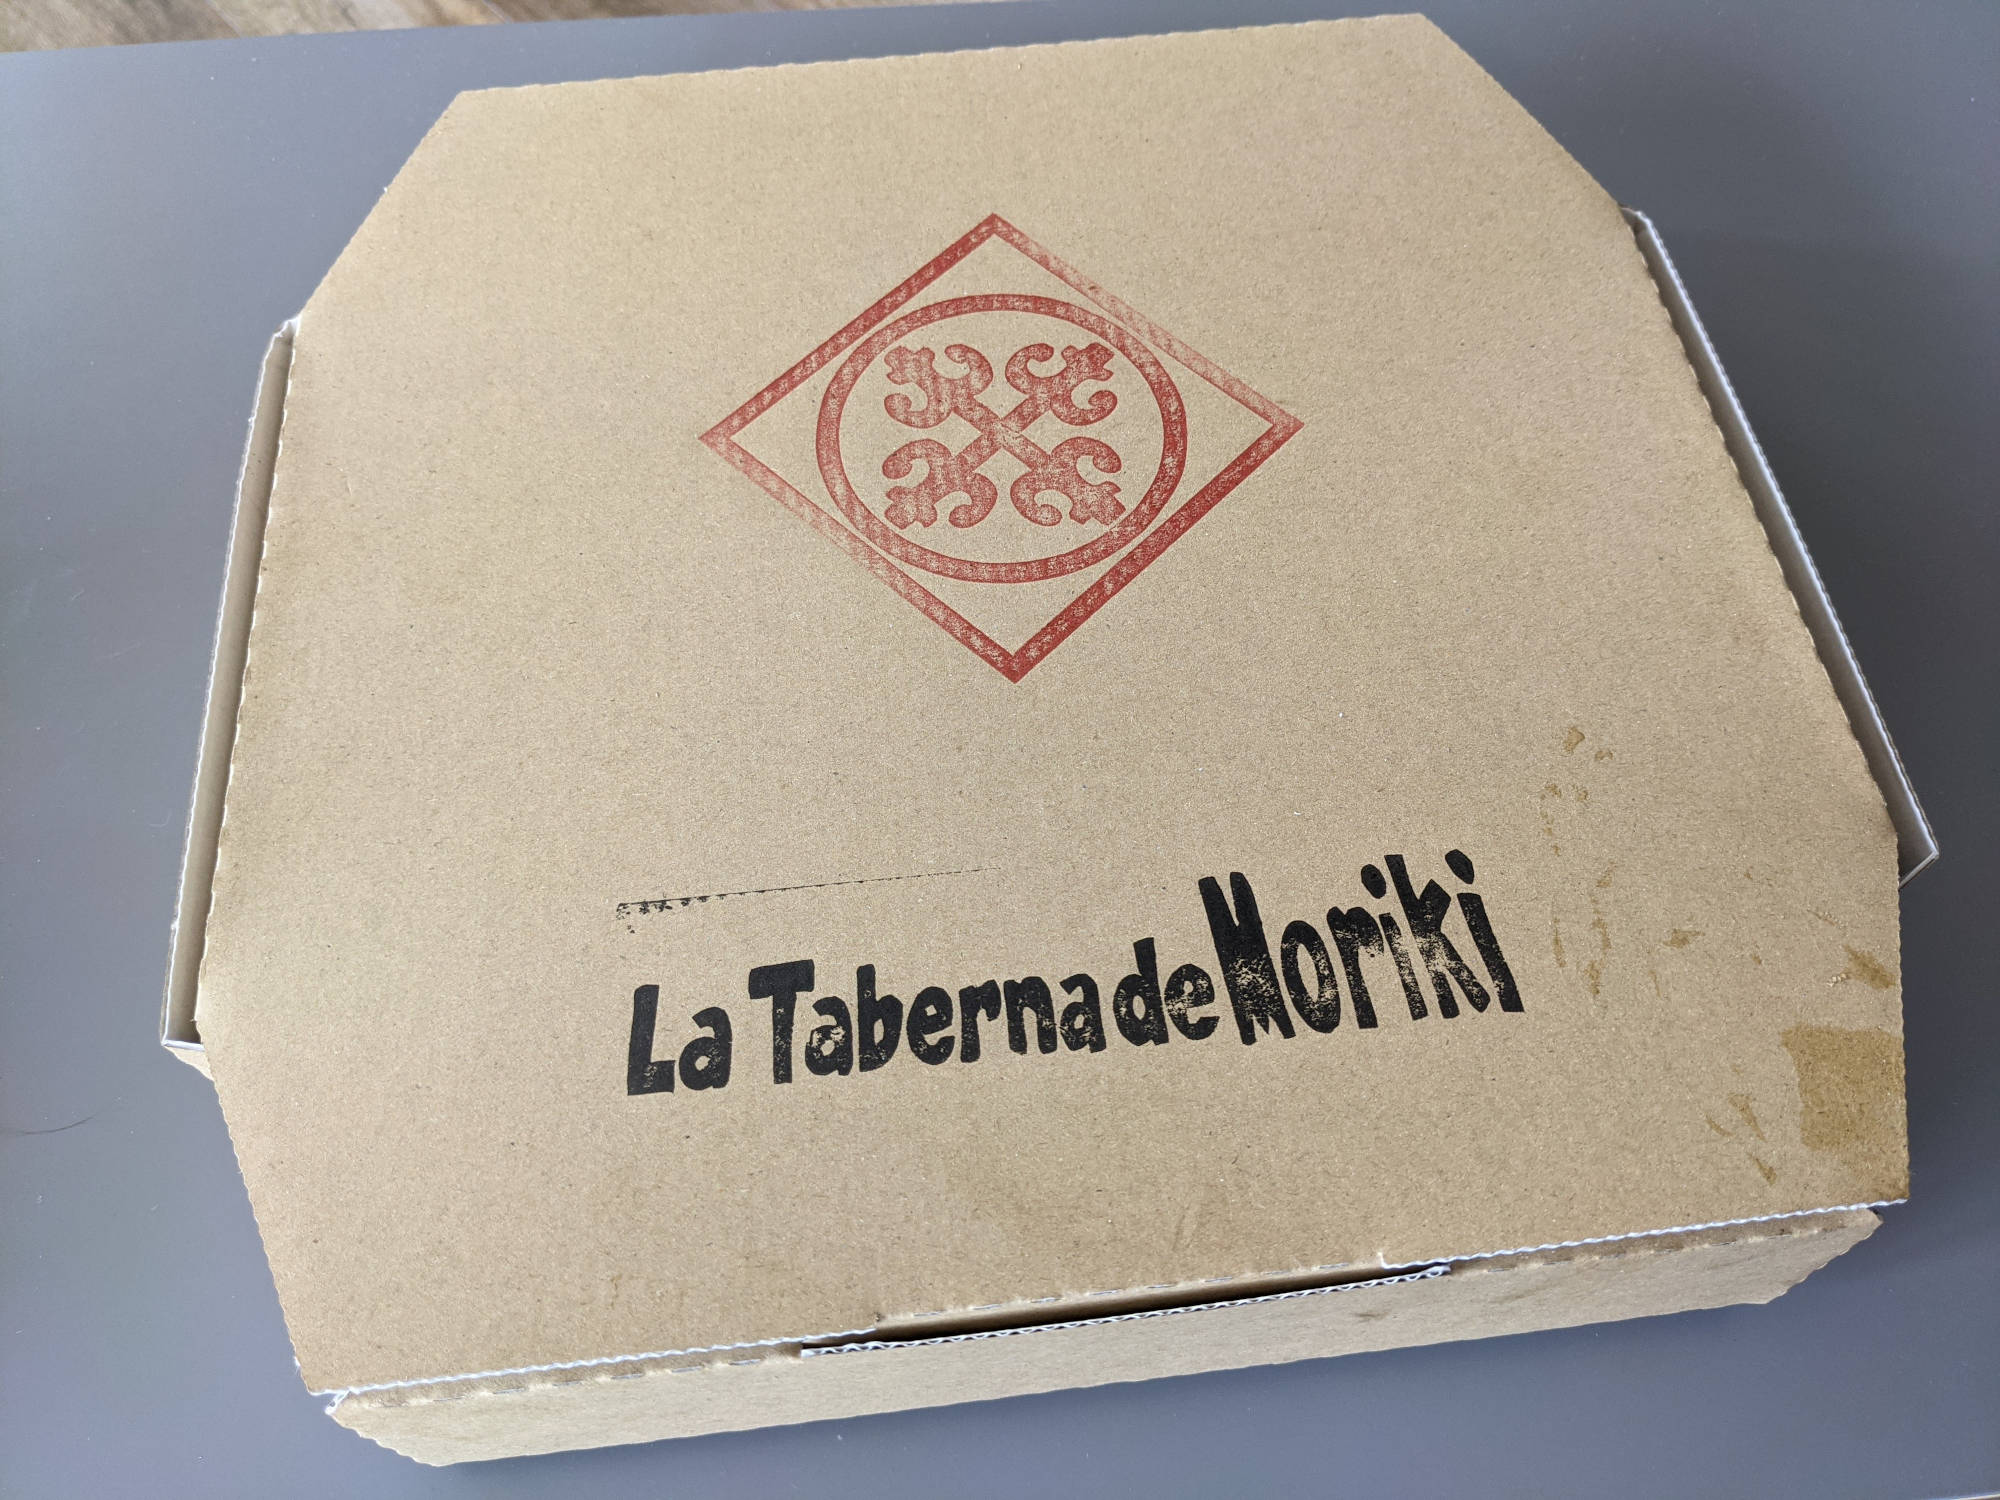 ラ タベルナ デ モリキで購入したマルゲリータ